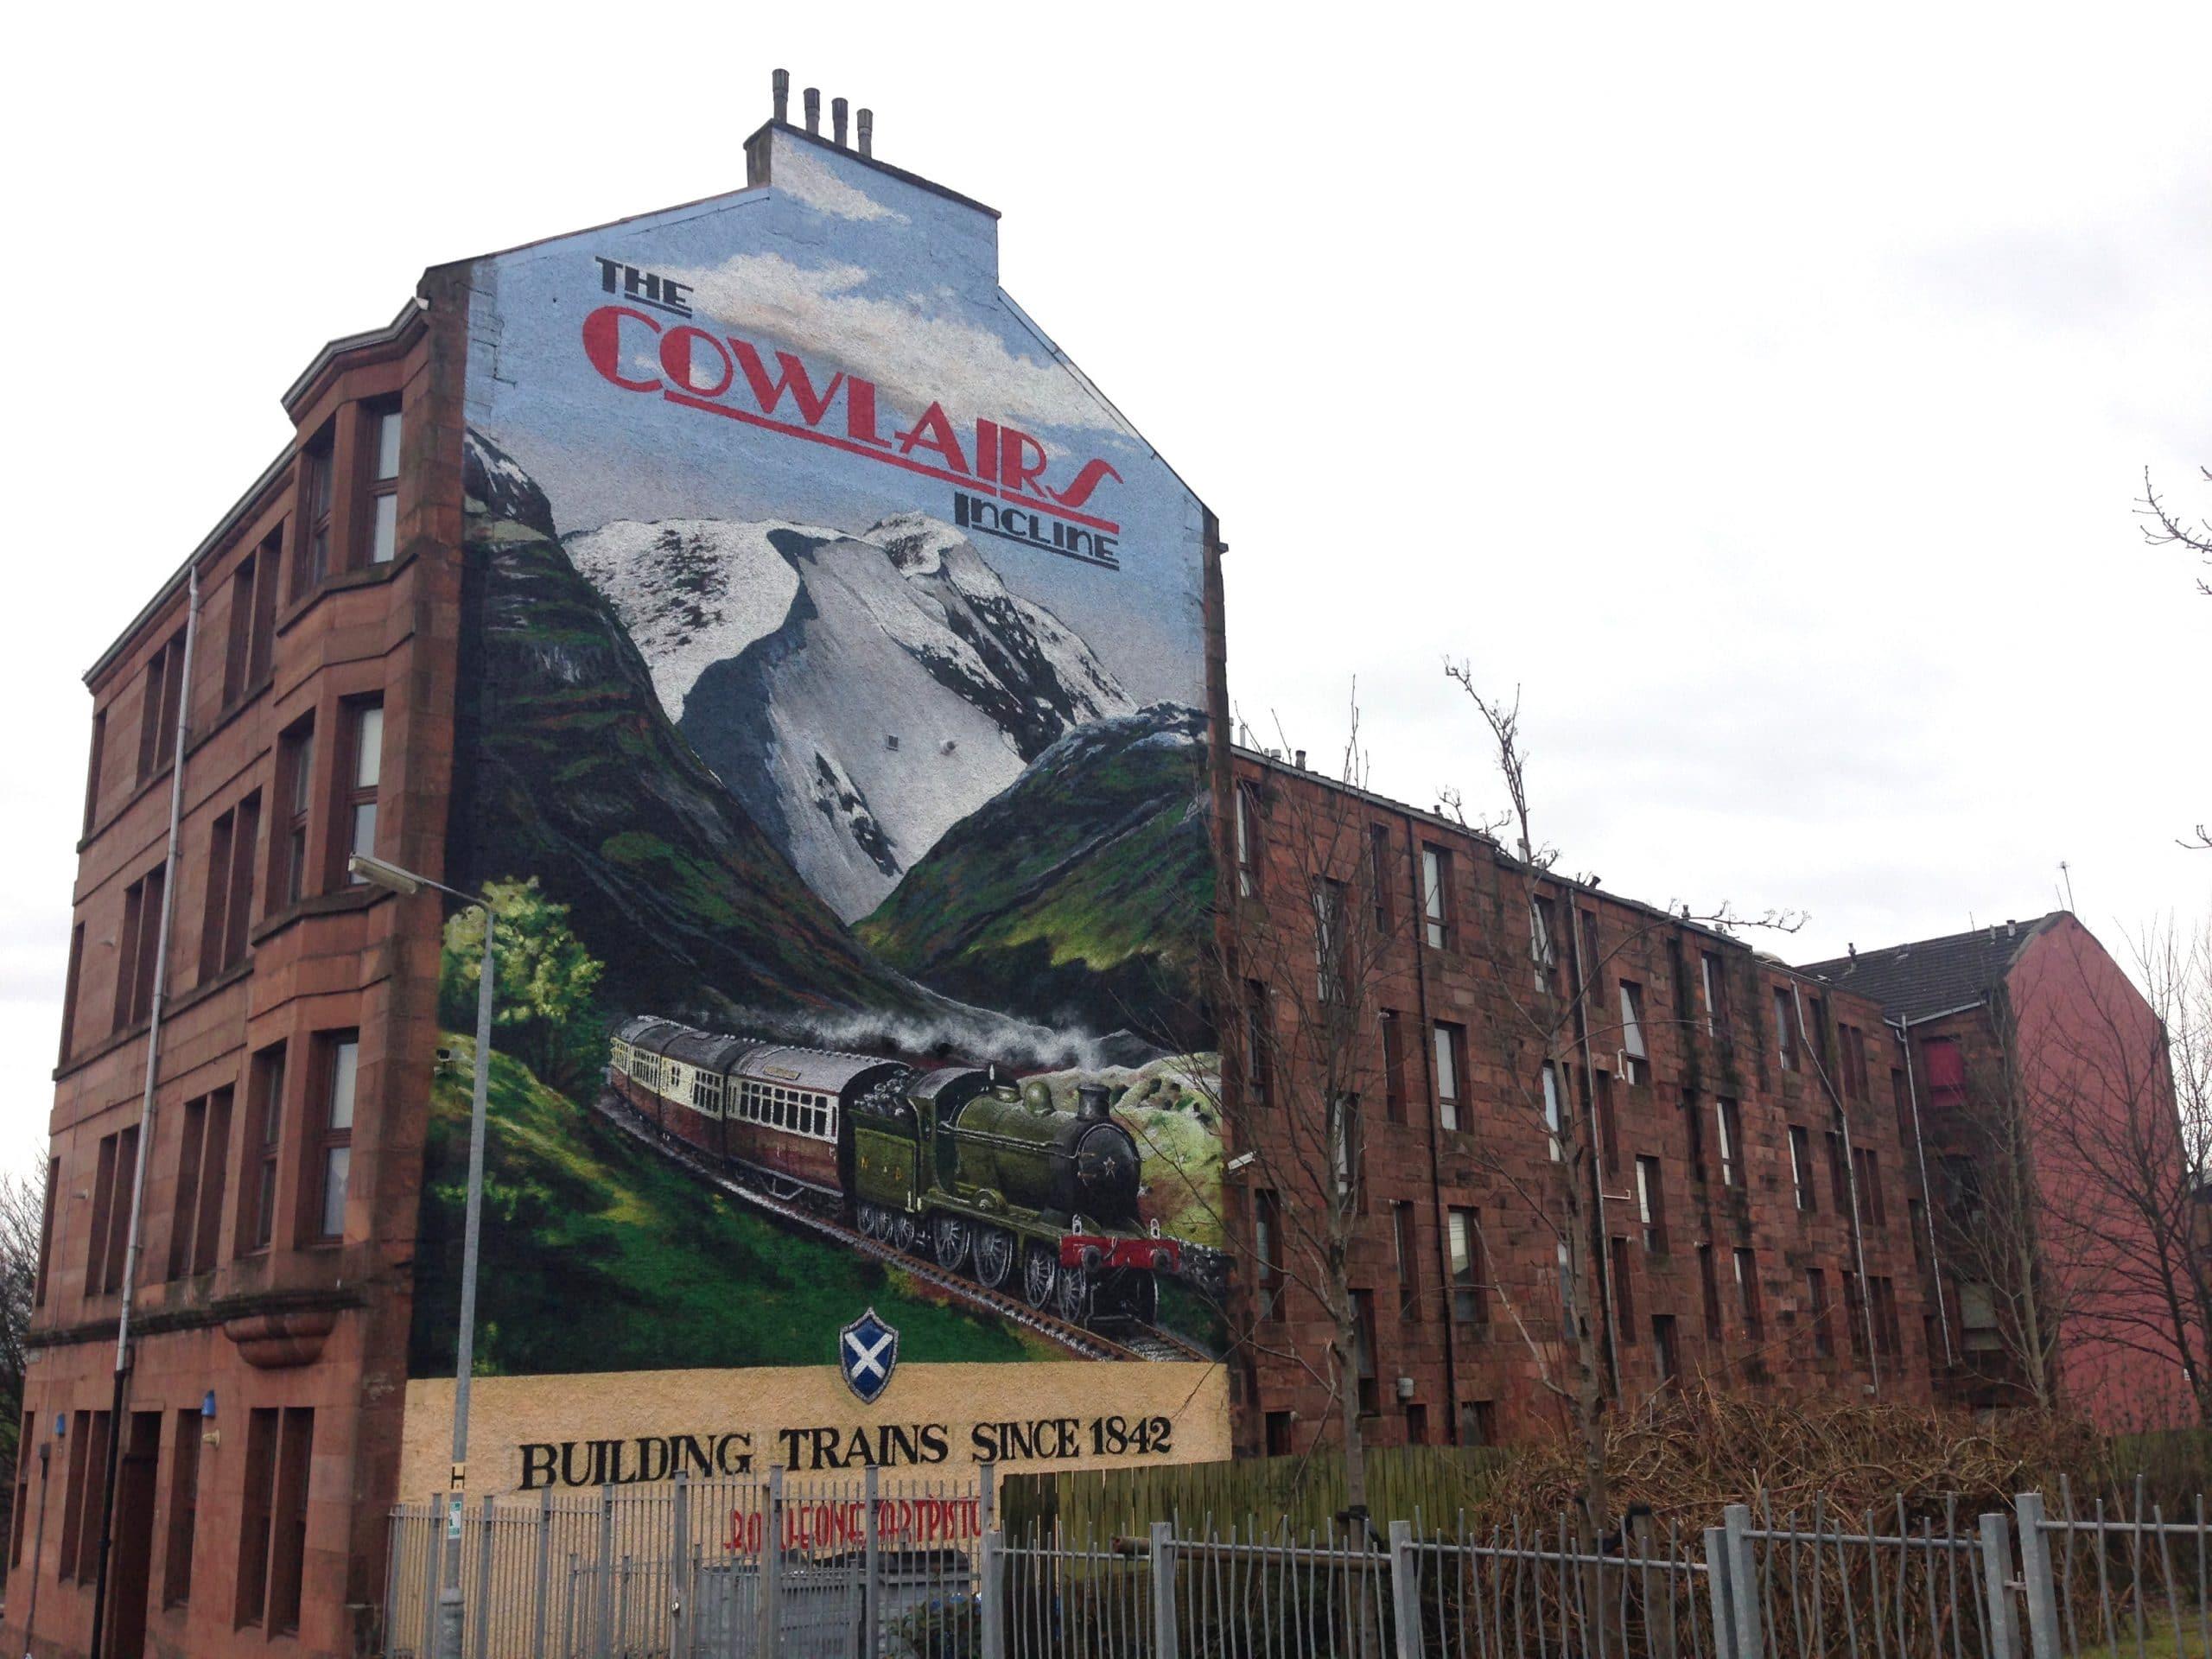 Cowlairs incline train mural Glasgow